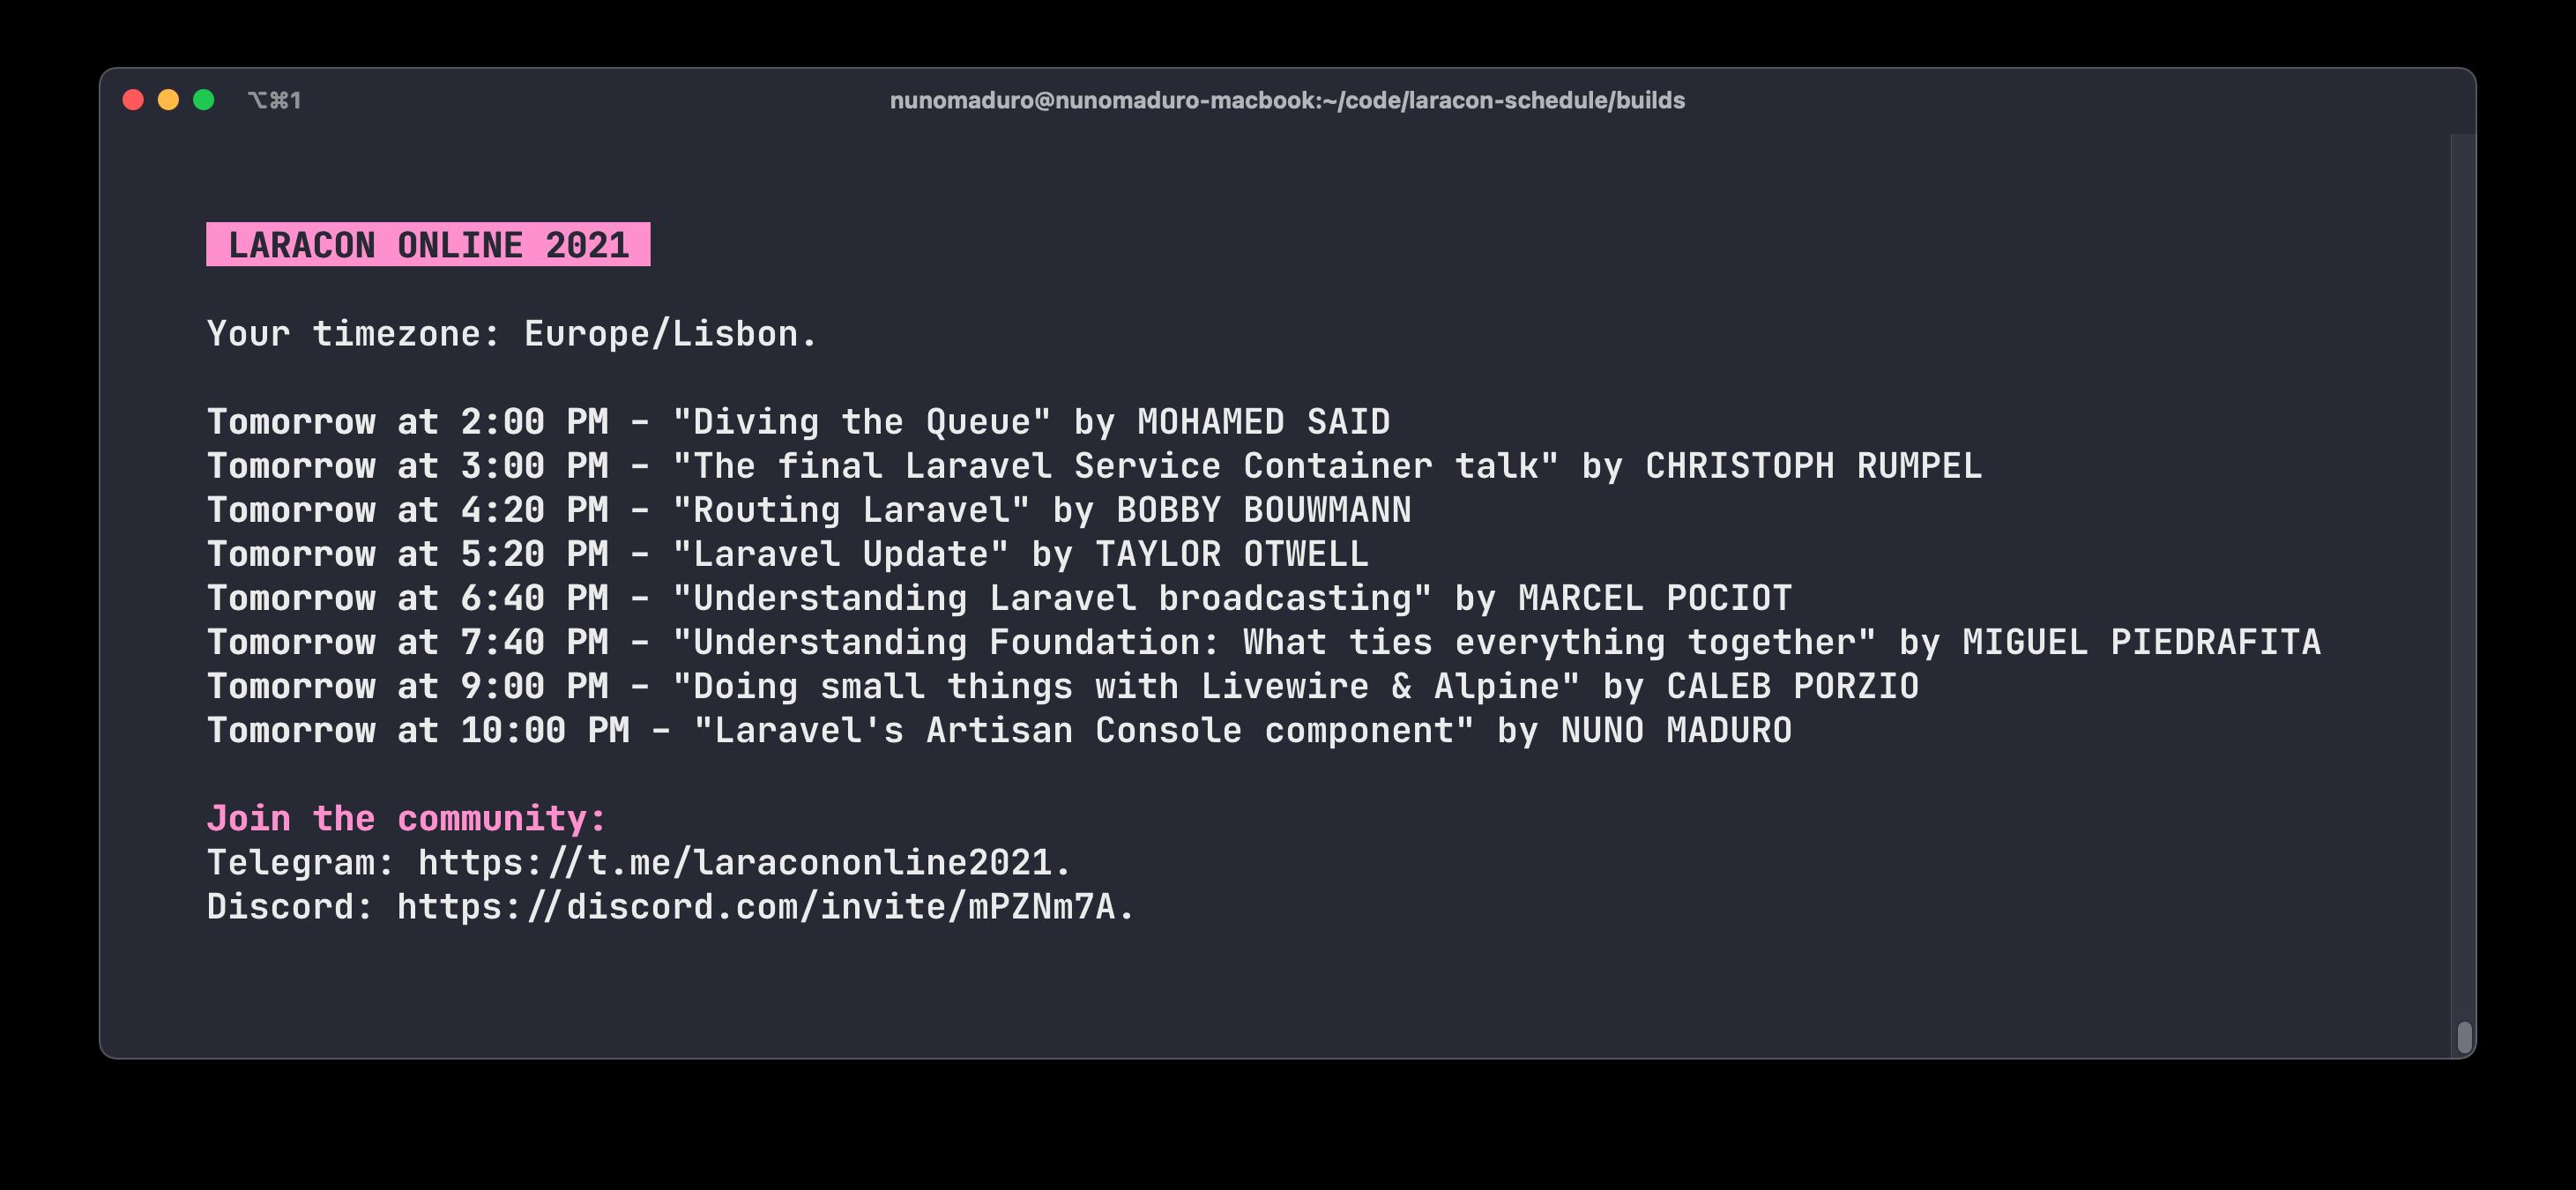 Laracon Online Schedule Console Output